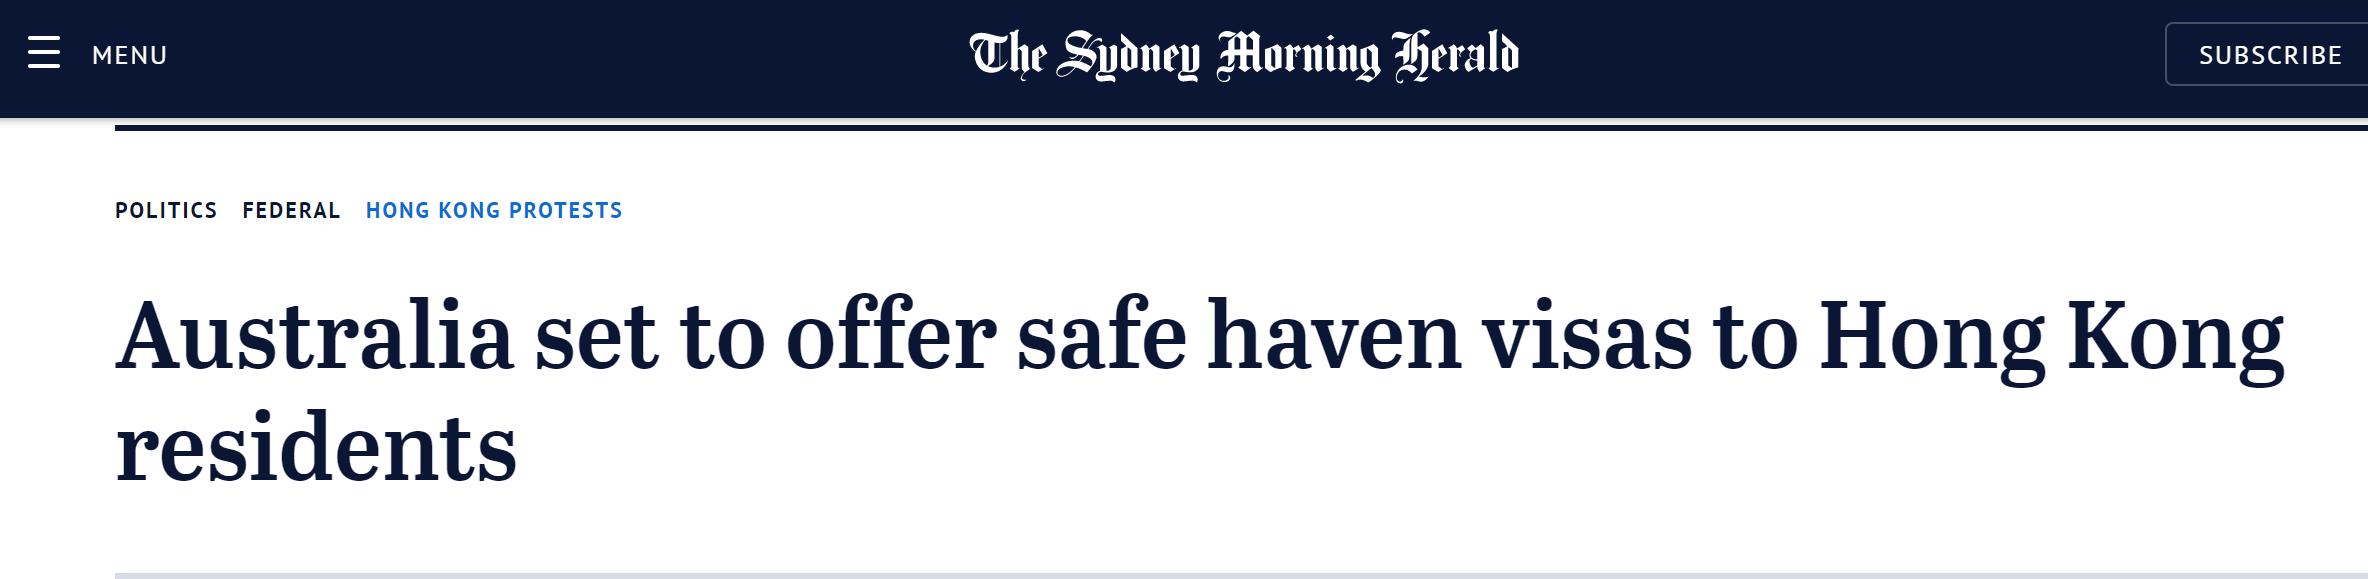 """【搜豆】_澳大利亚也学英国刷存在?莫里森声称将为港人提供""""安全港签证"""""""